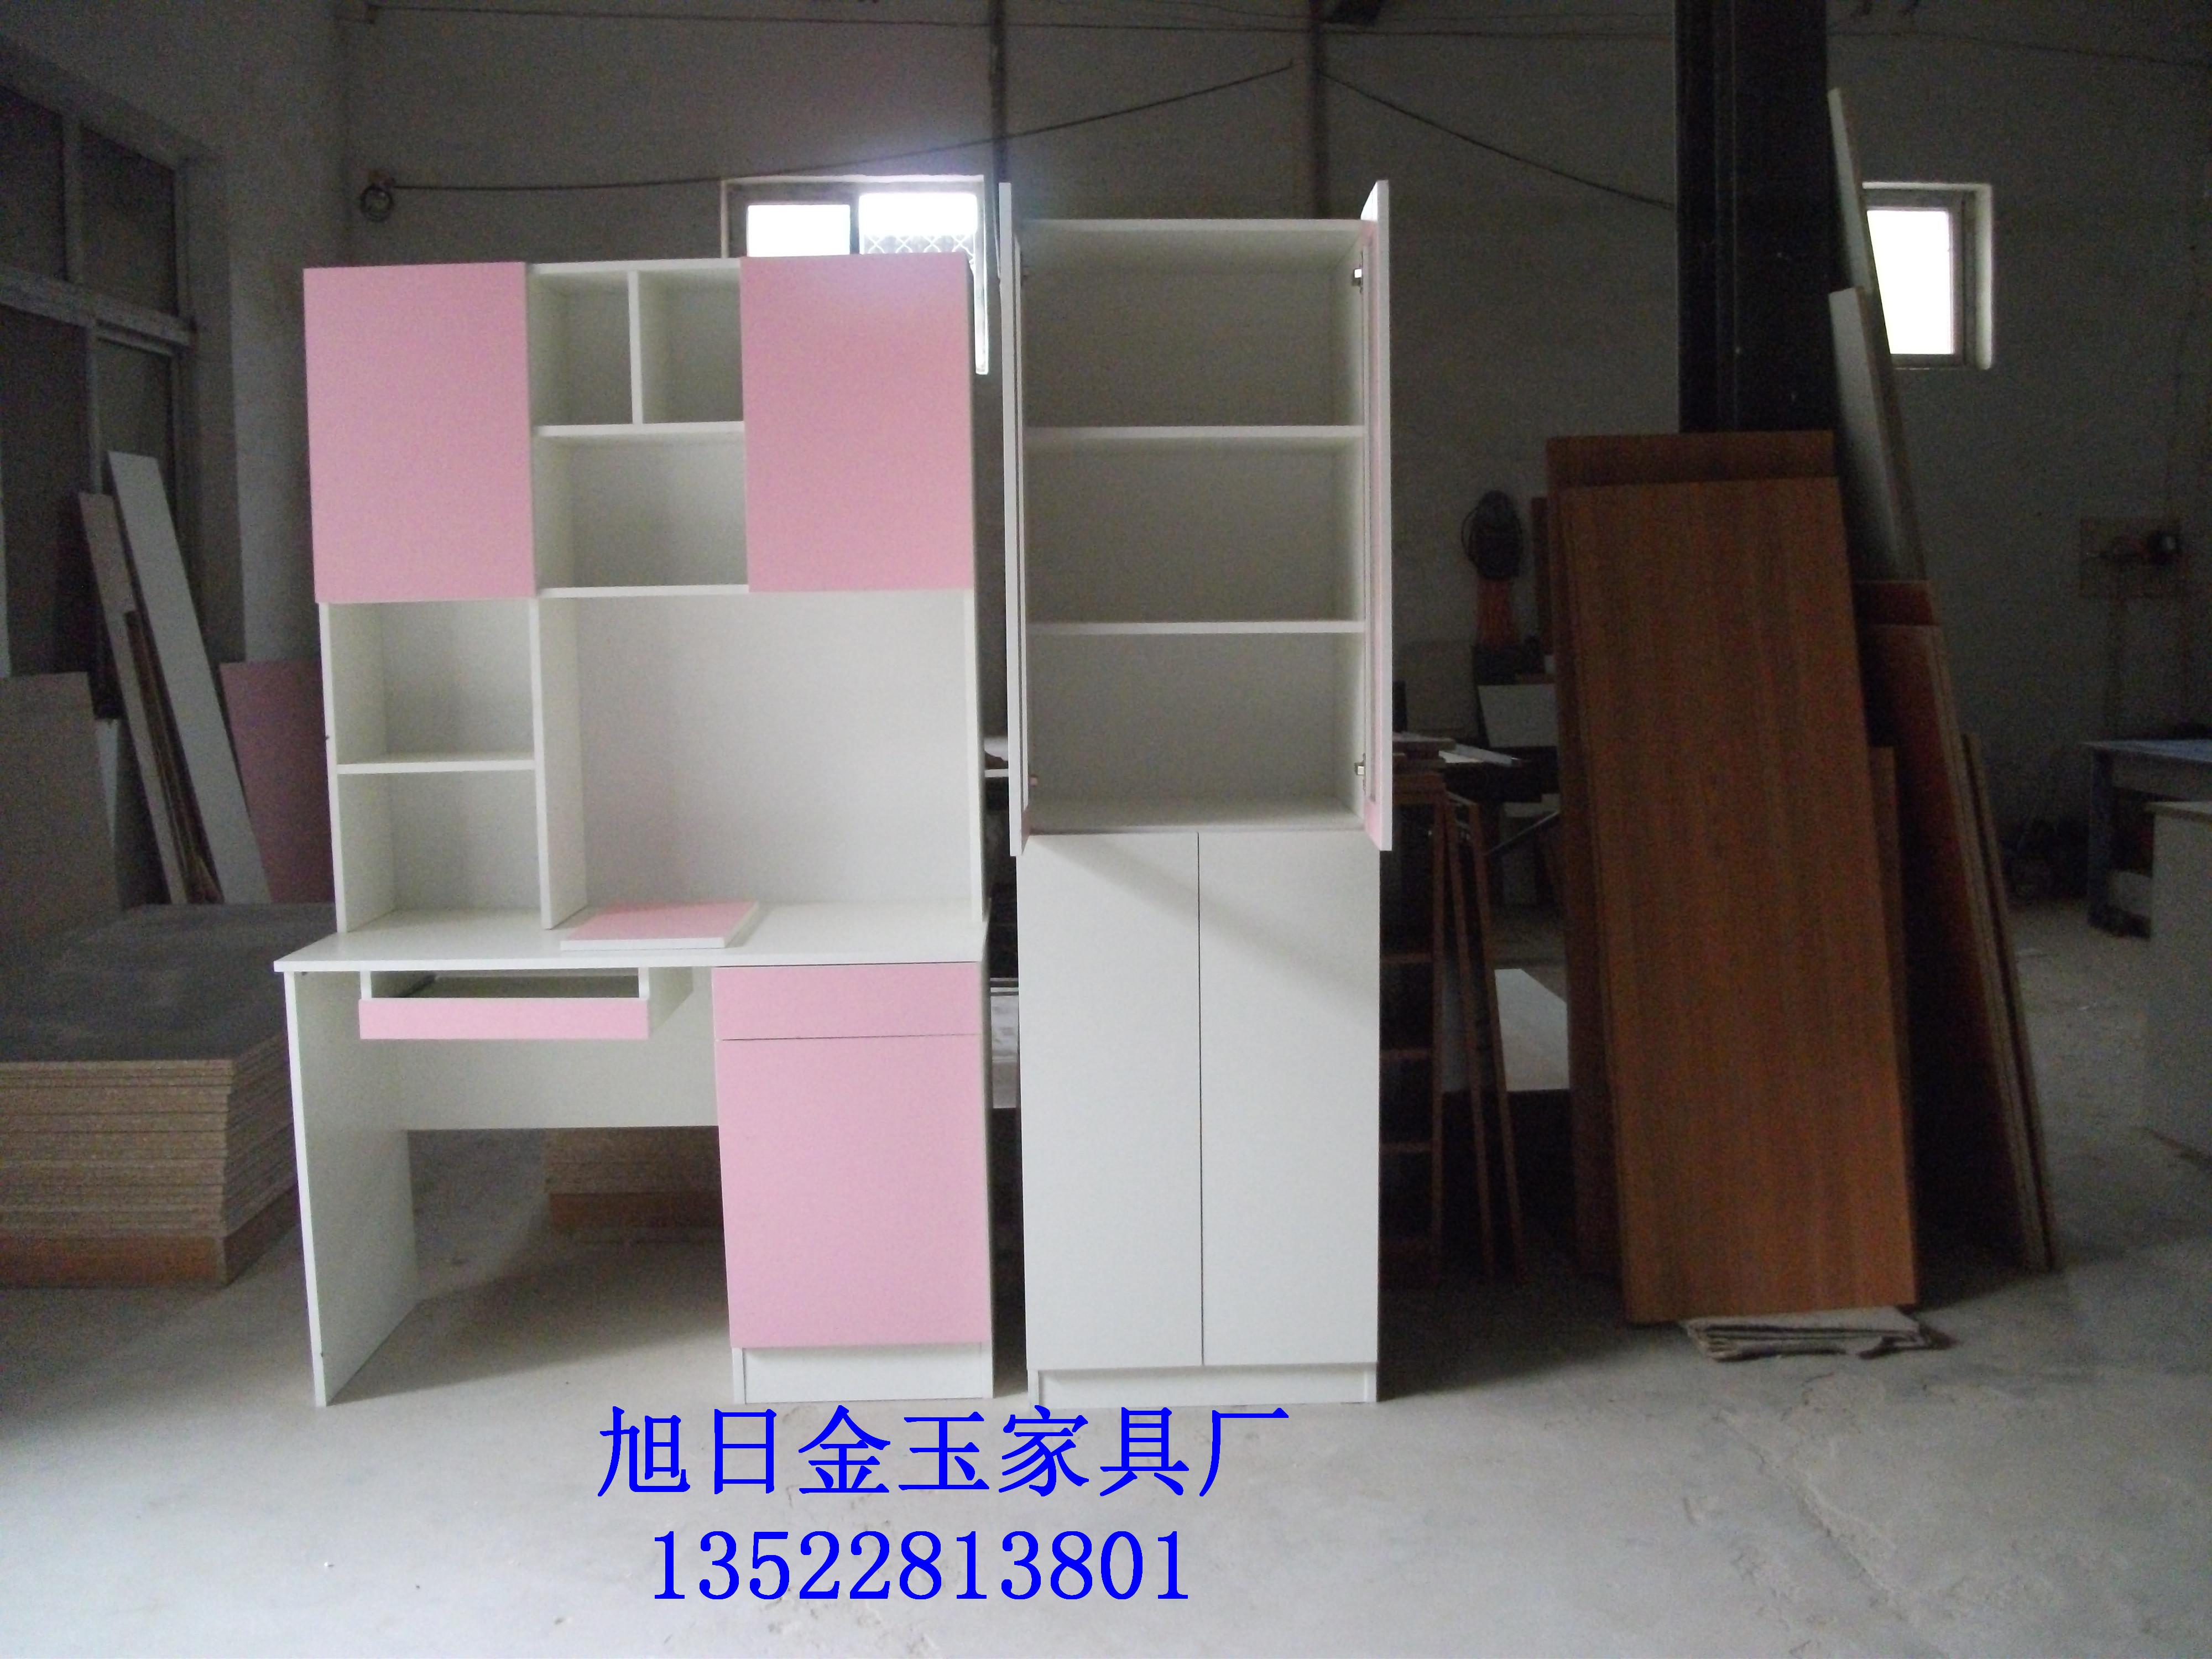 电脑桌椅定做图片/电脑桌椅定做样板图 (3)